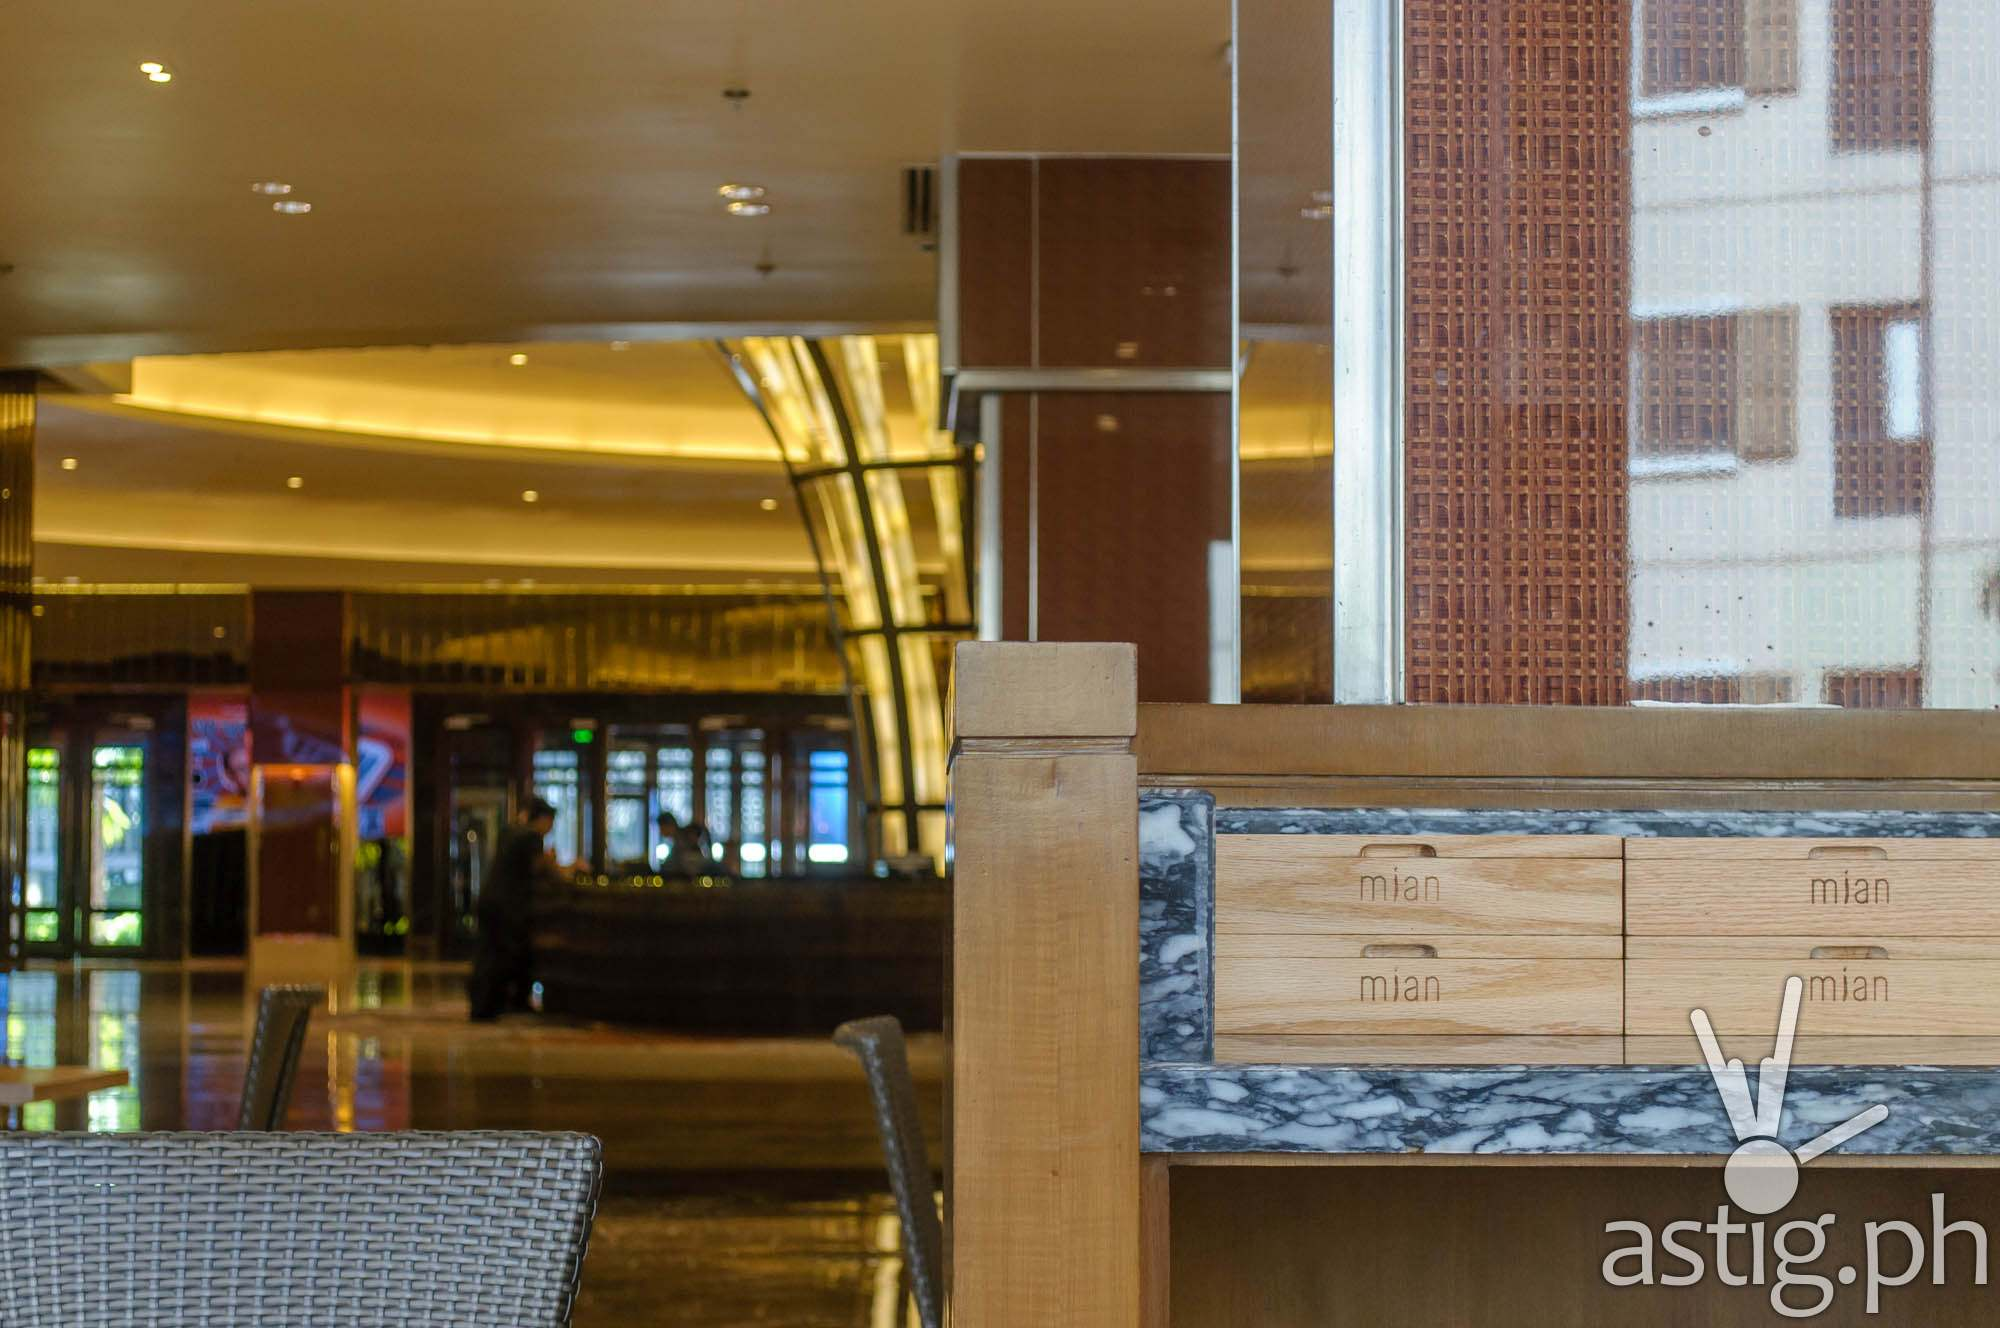 Mian at Marriott Grand Ballroom